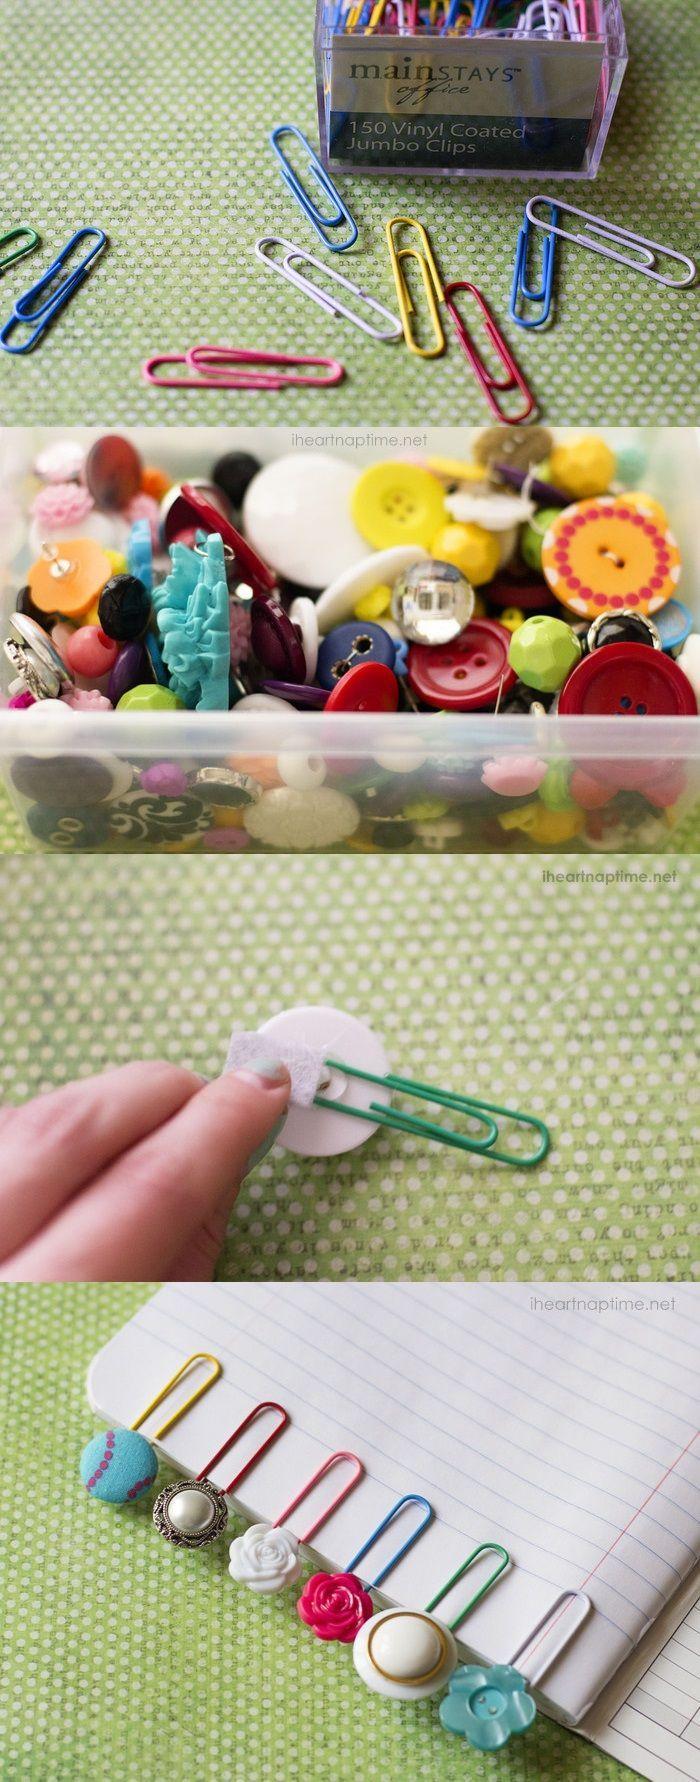 esay diy button crafts tutorials ideas button pins bookmarker